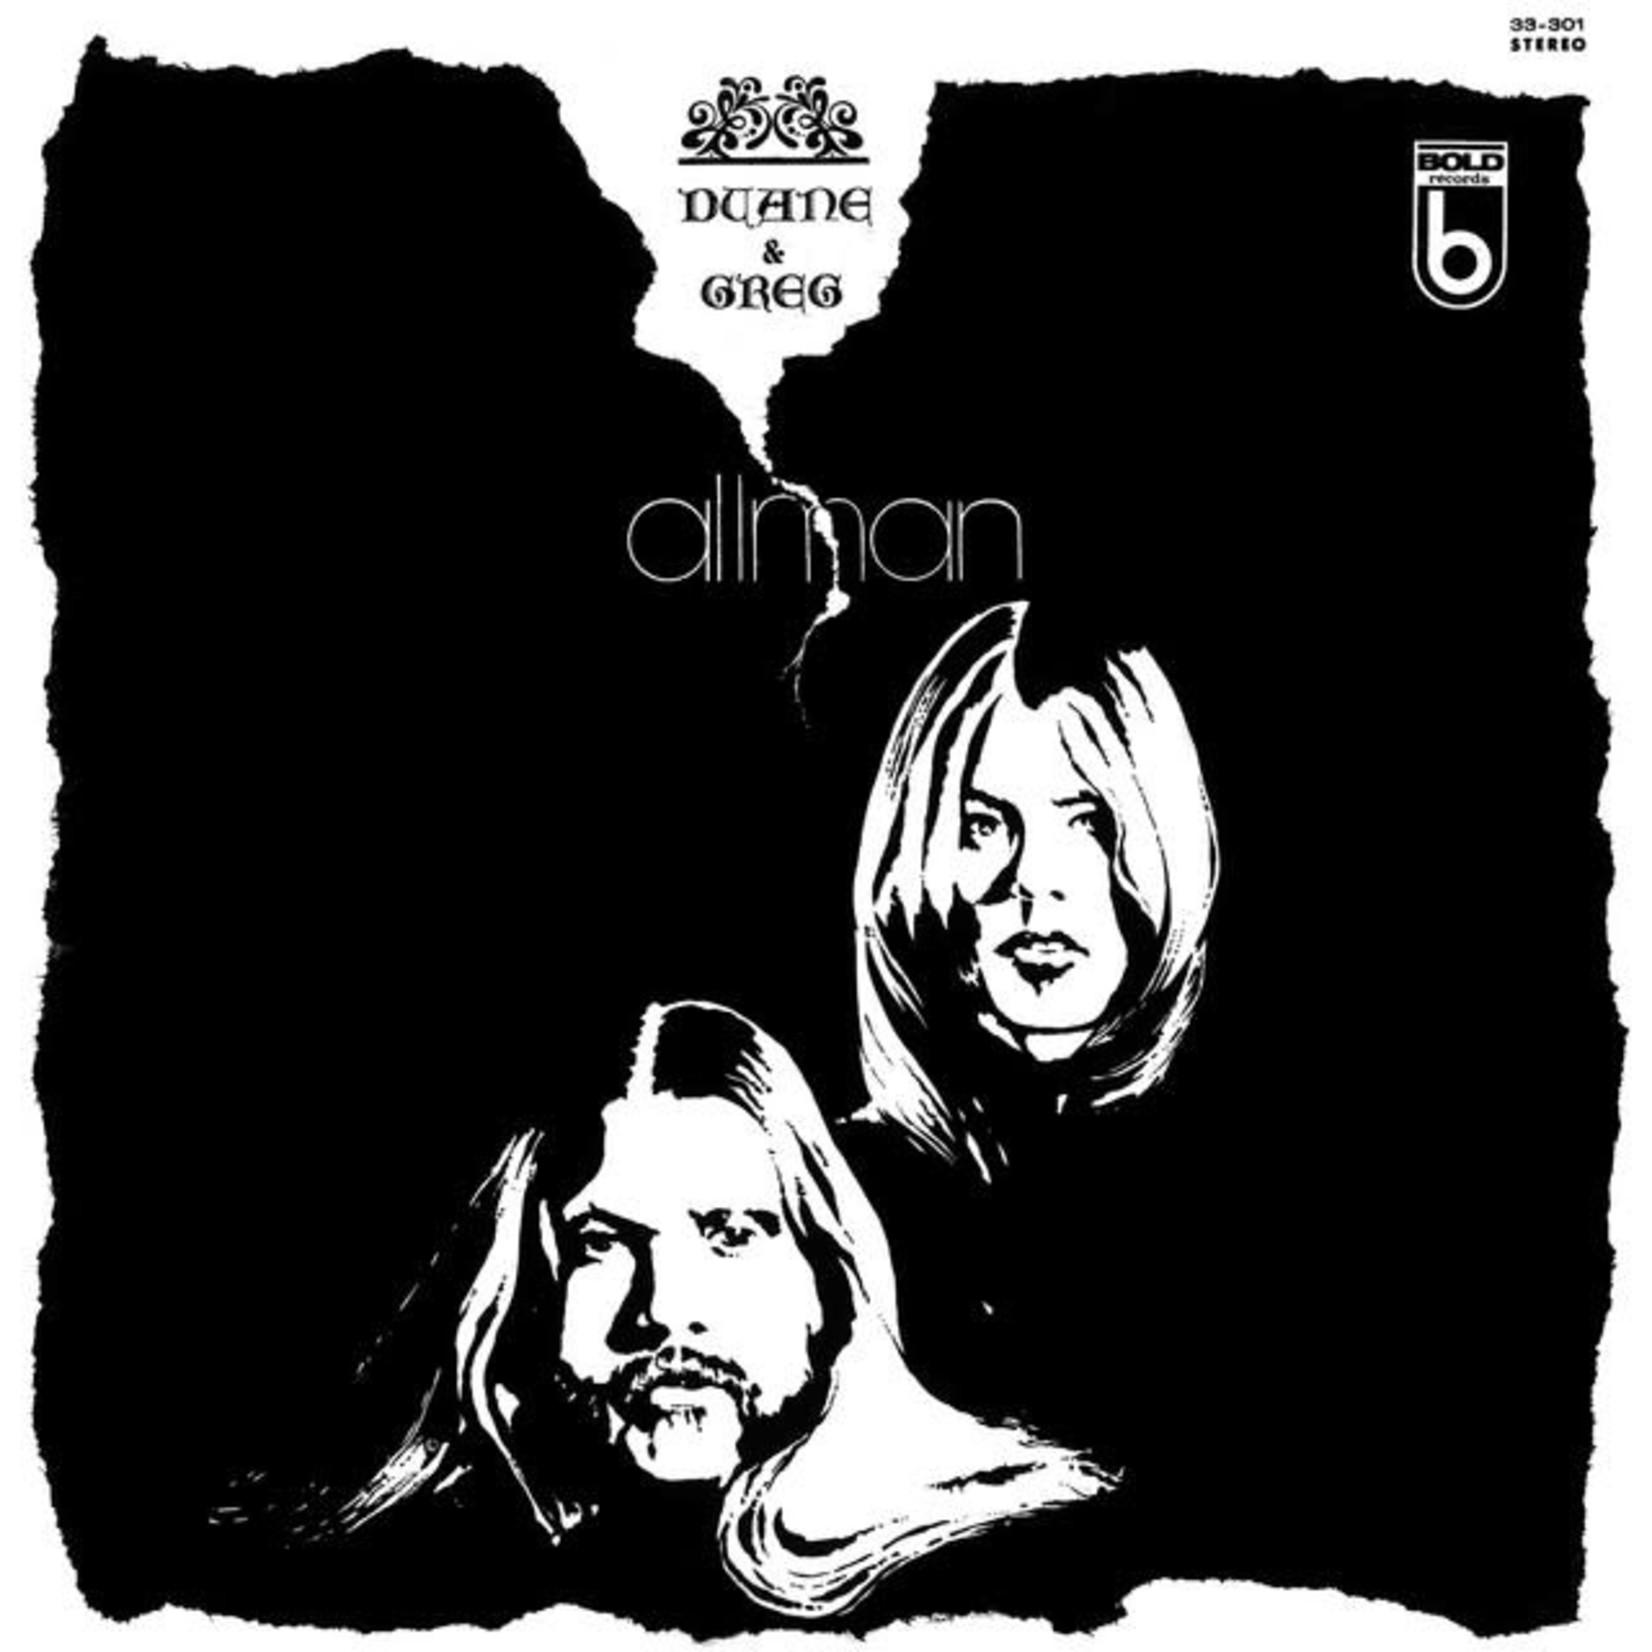 Vinyl Duane & Greg Allman - Duane & Greg